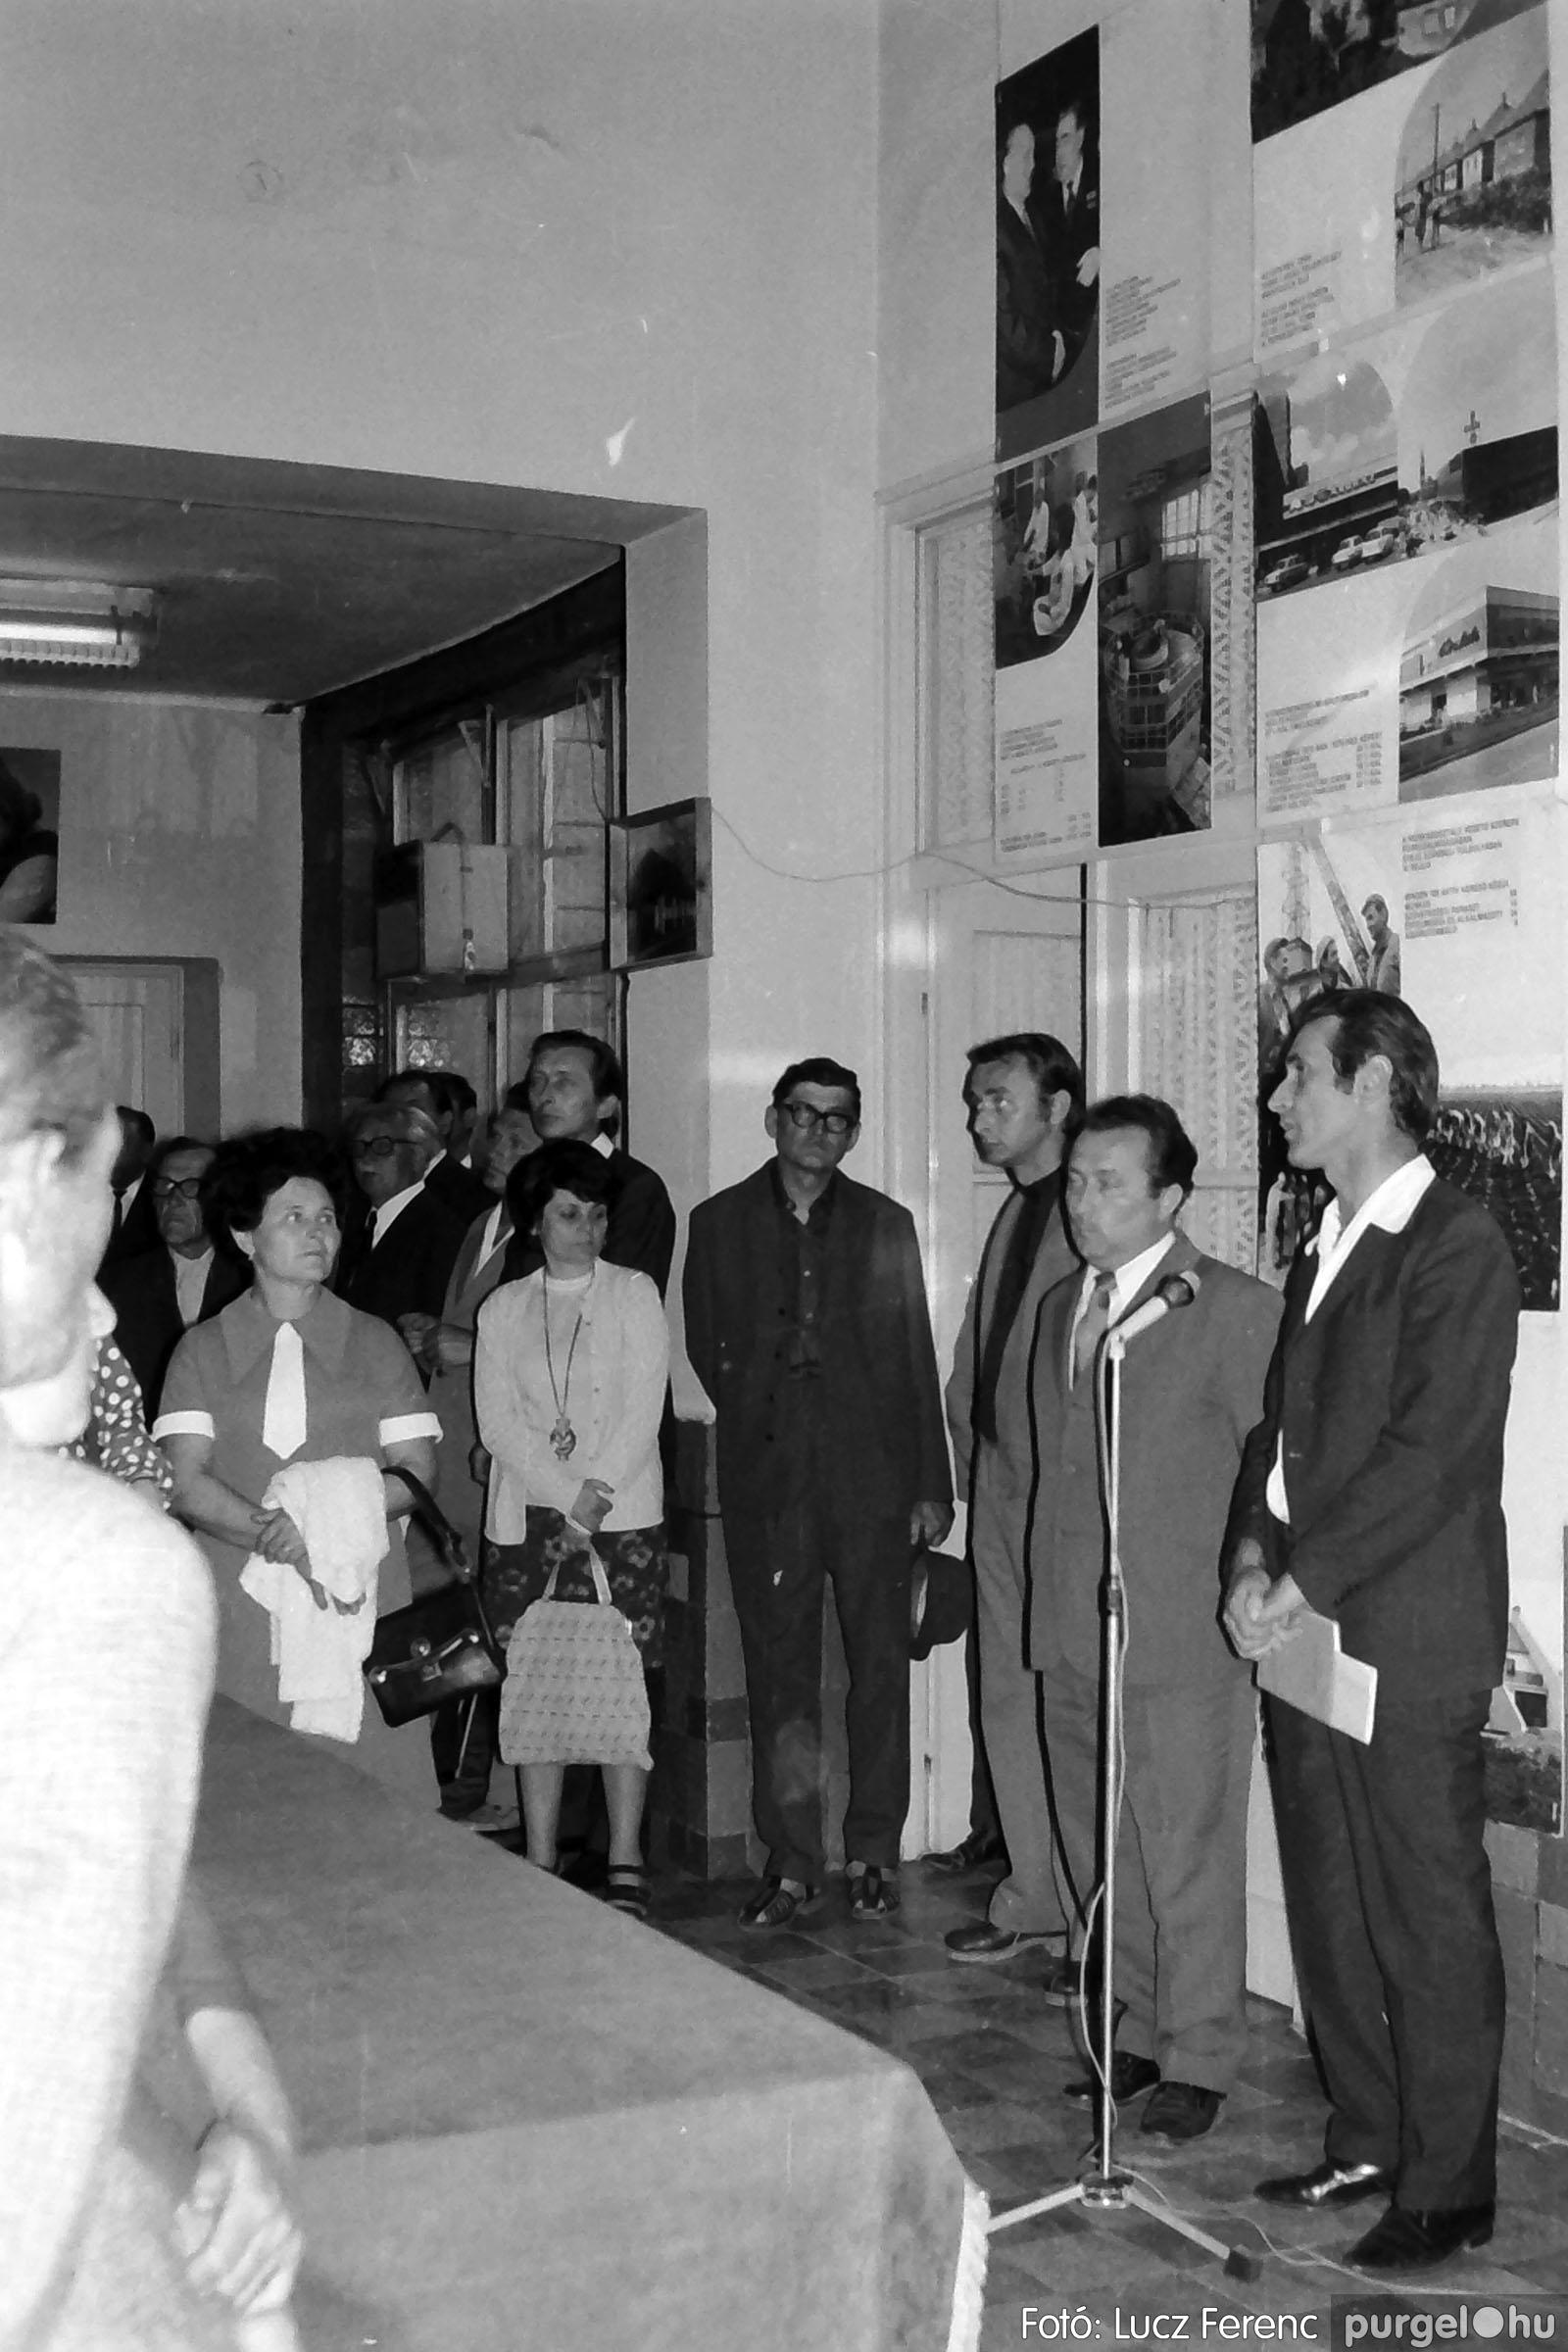 016 1975. Csatlakozó gyűlés a kultúrházban 004 - Fotó: Lucz Ferenc IMG00177.JPG